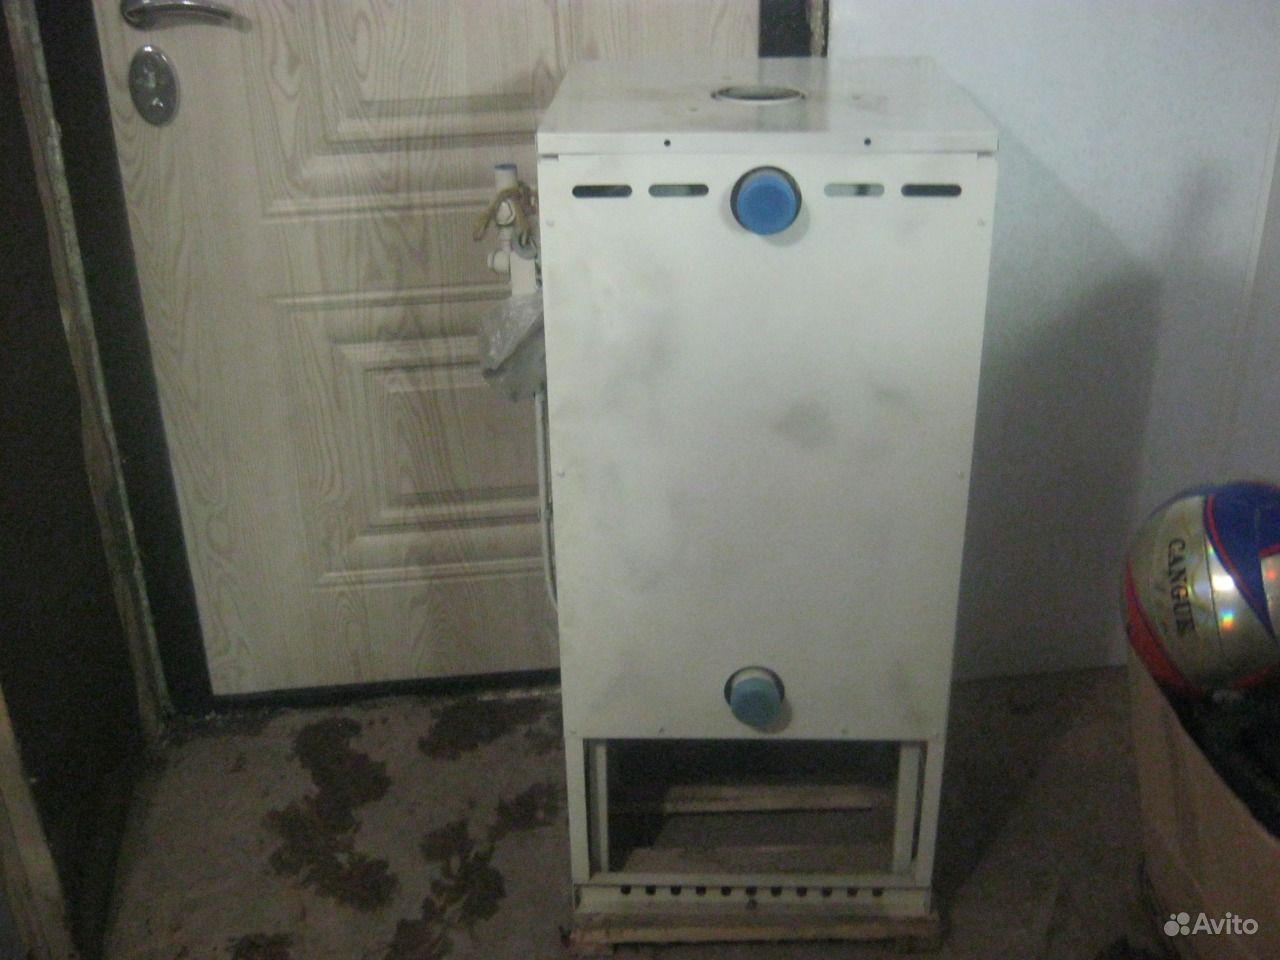 chaudiere ideal standard 1200 devis travaux batiment. Black Bedroom Furniture Sets. Home Design Ideas